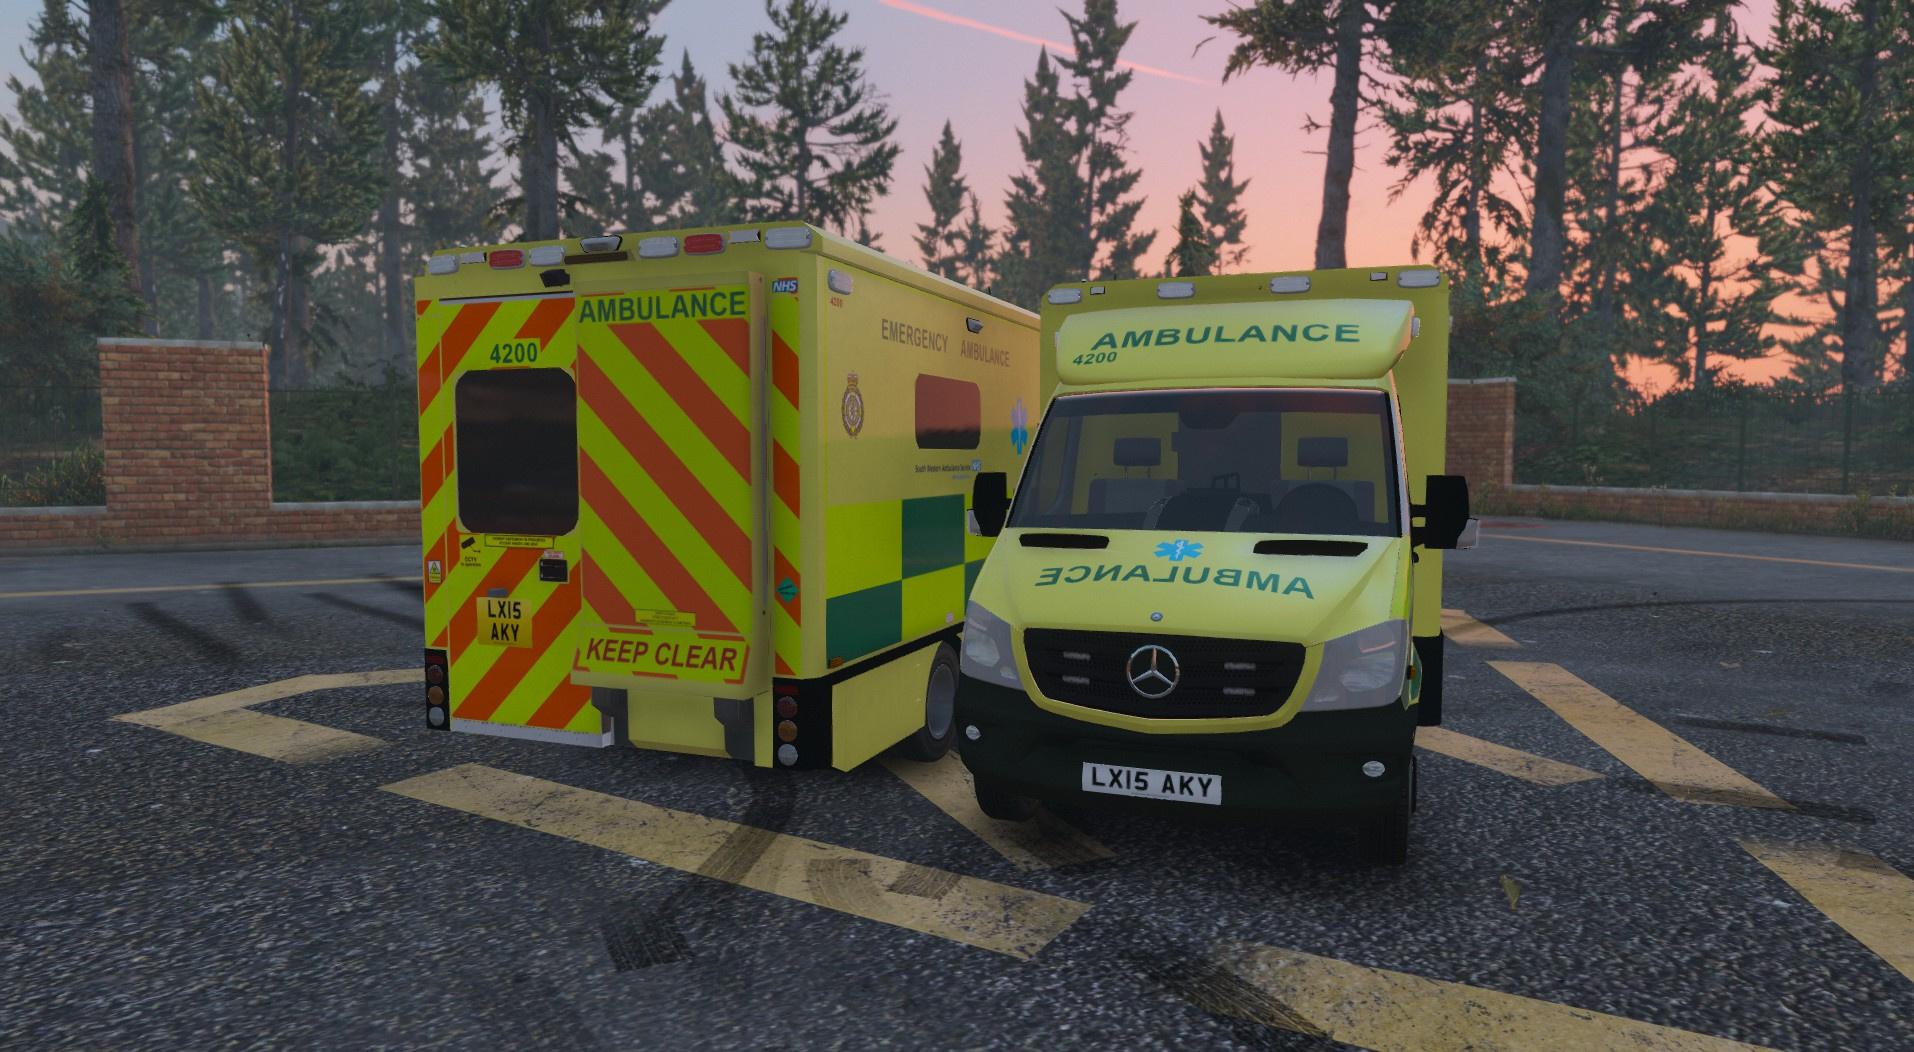 british south western ambulance service mercedes sprinter. Black Bedroom Furniture Sets. Home Design Ideas